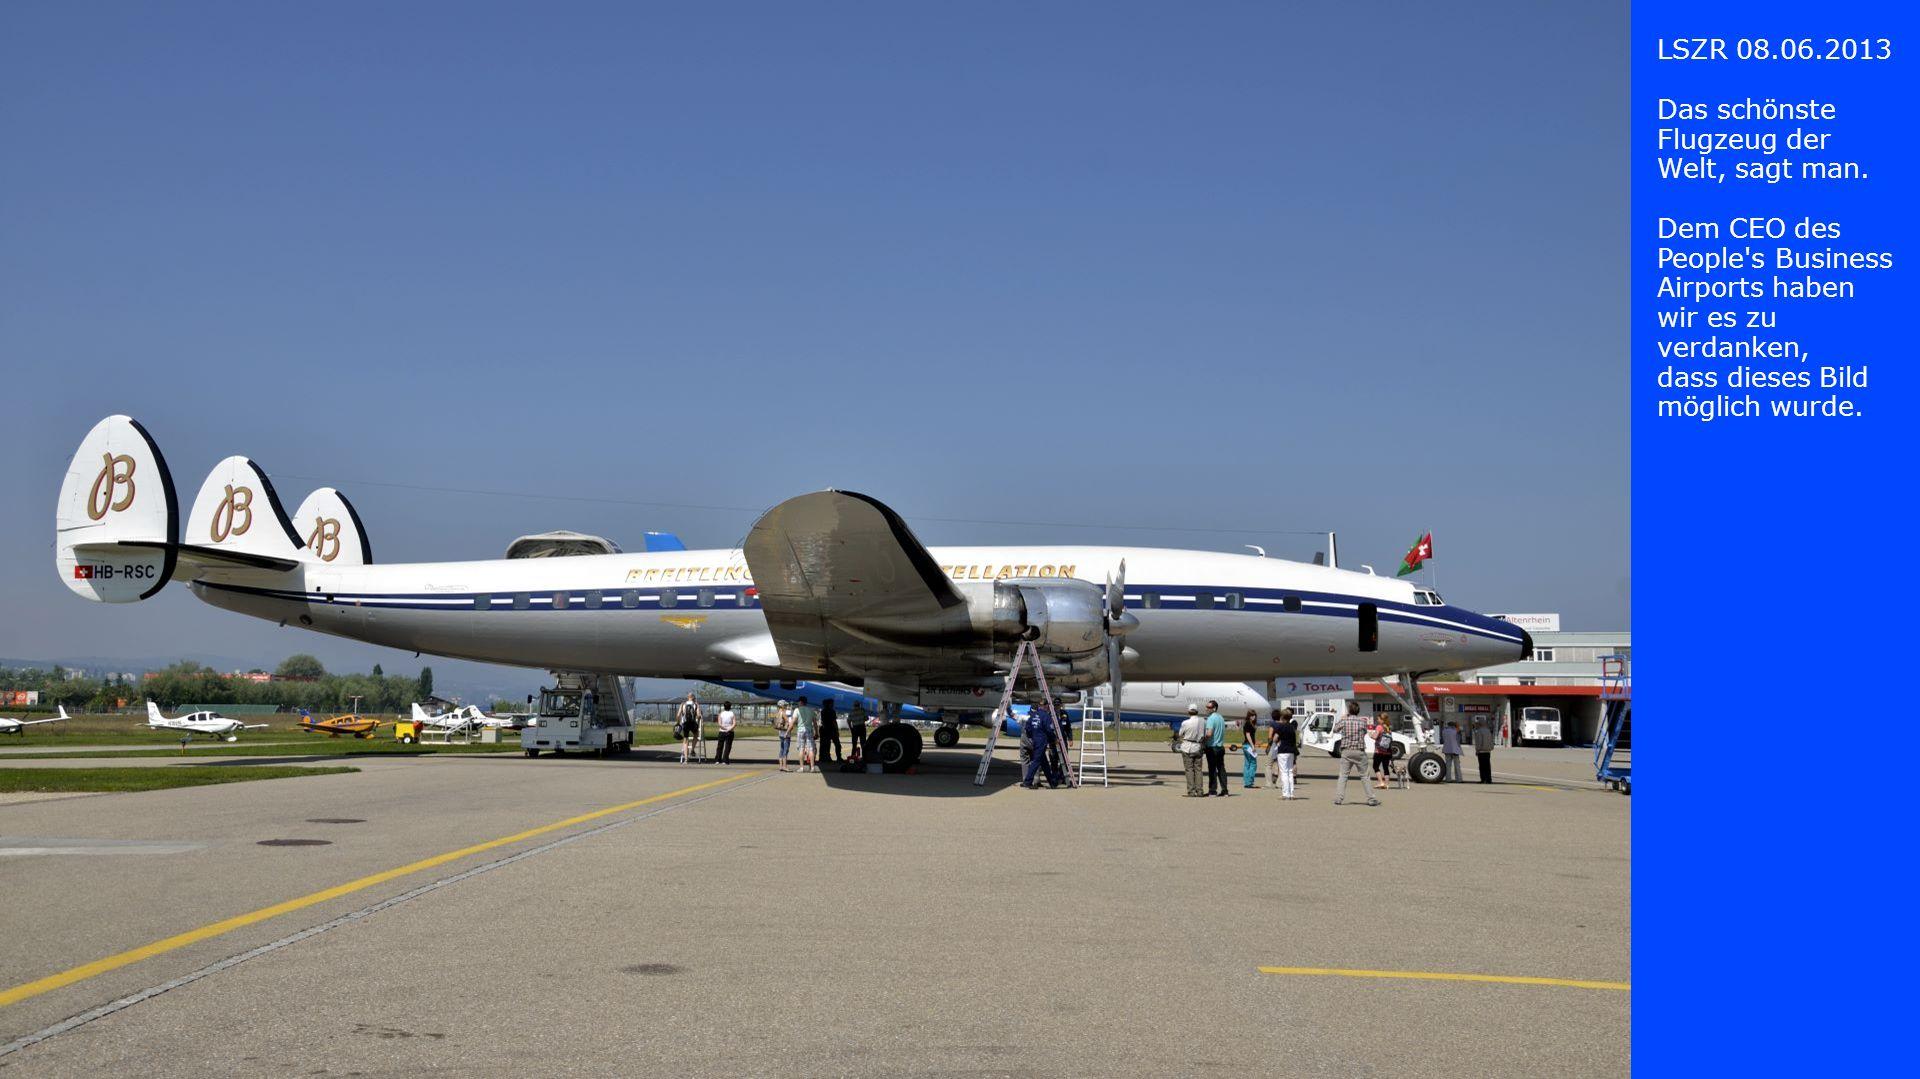 LSZR 08.06.2013 Das schönste Flugzeug der Welt, sagt man. Dem CEO des People s Business Airports haben wir es zu verdanken,